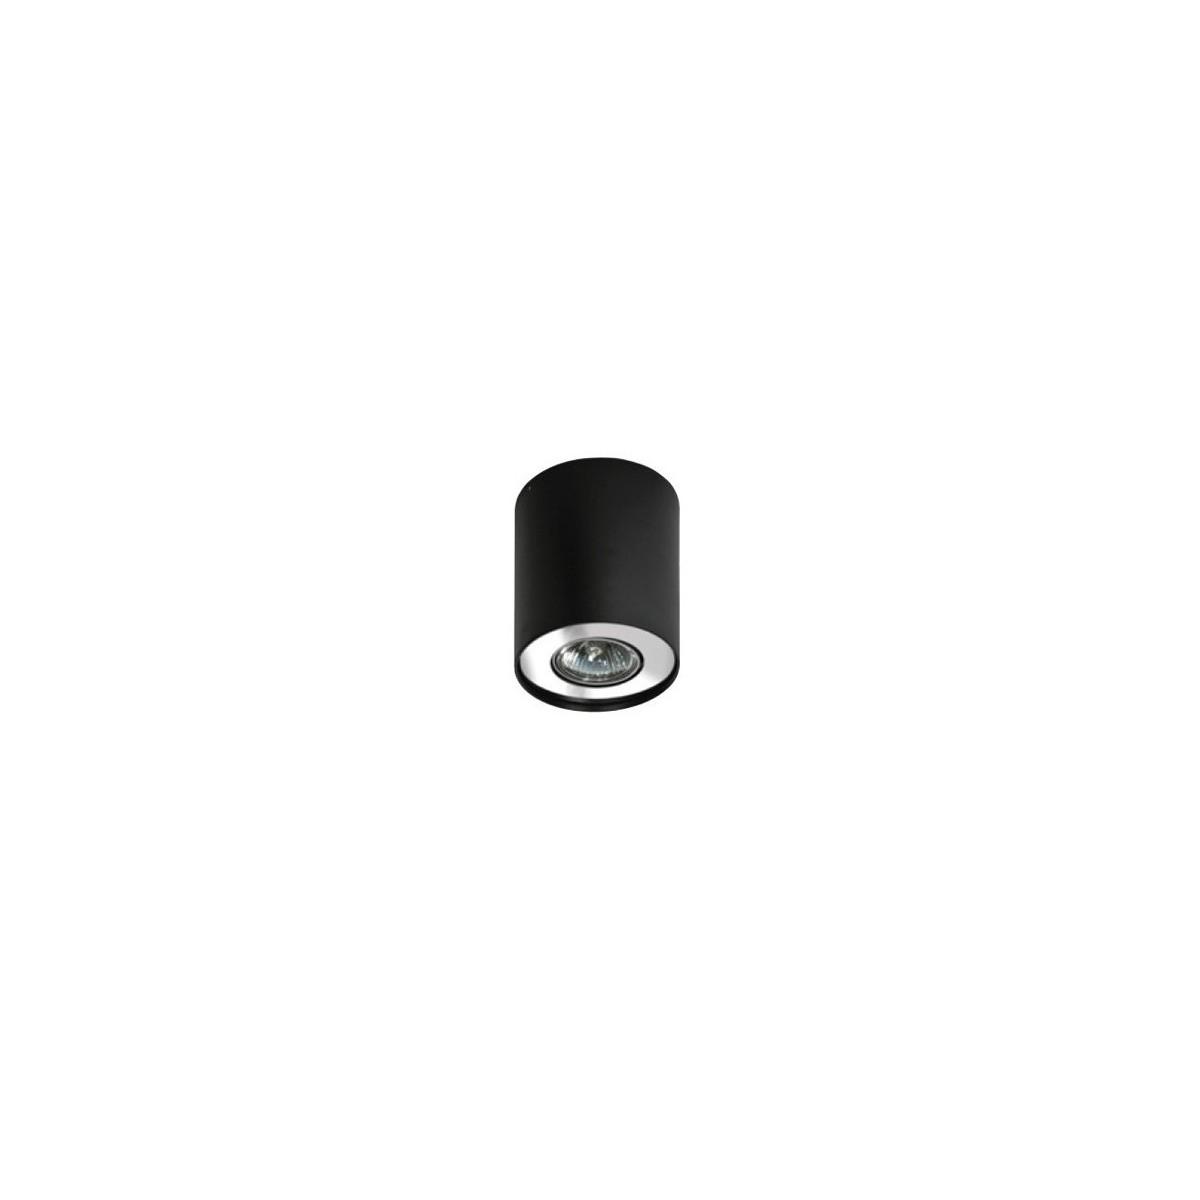 Azzardo NEOS 1 BLACK/CHROME 1xGU10 Natynkowa Czarny/Chrom AZ0708